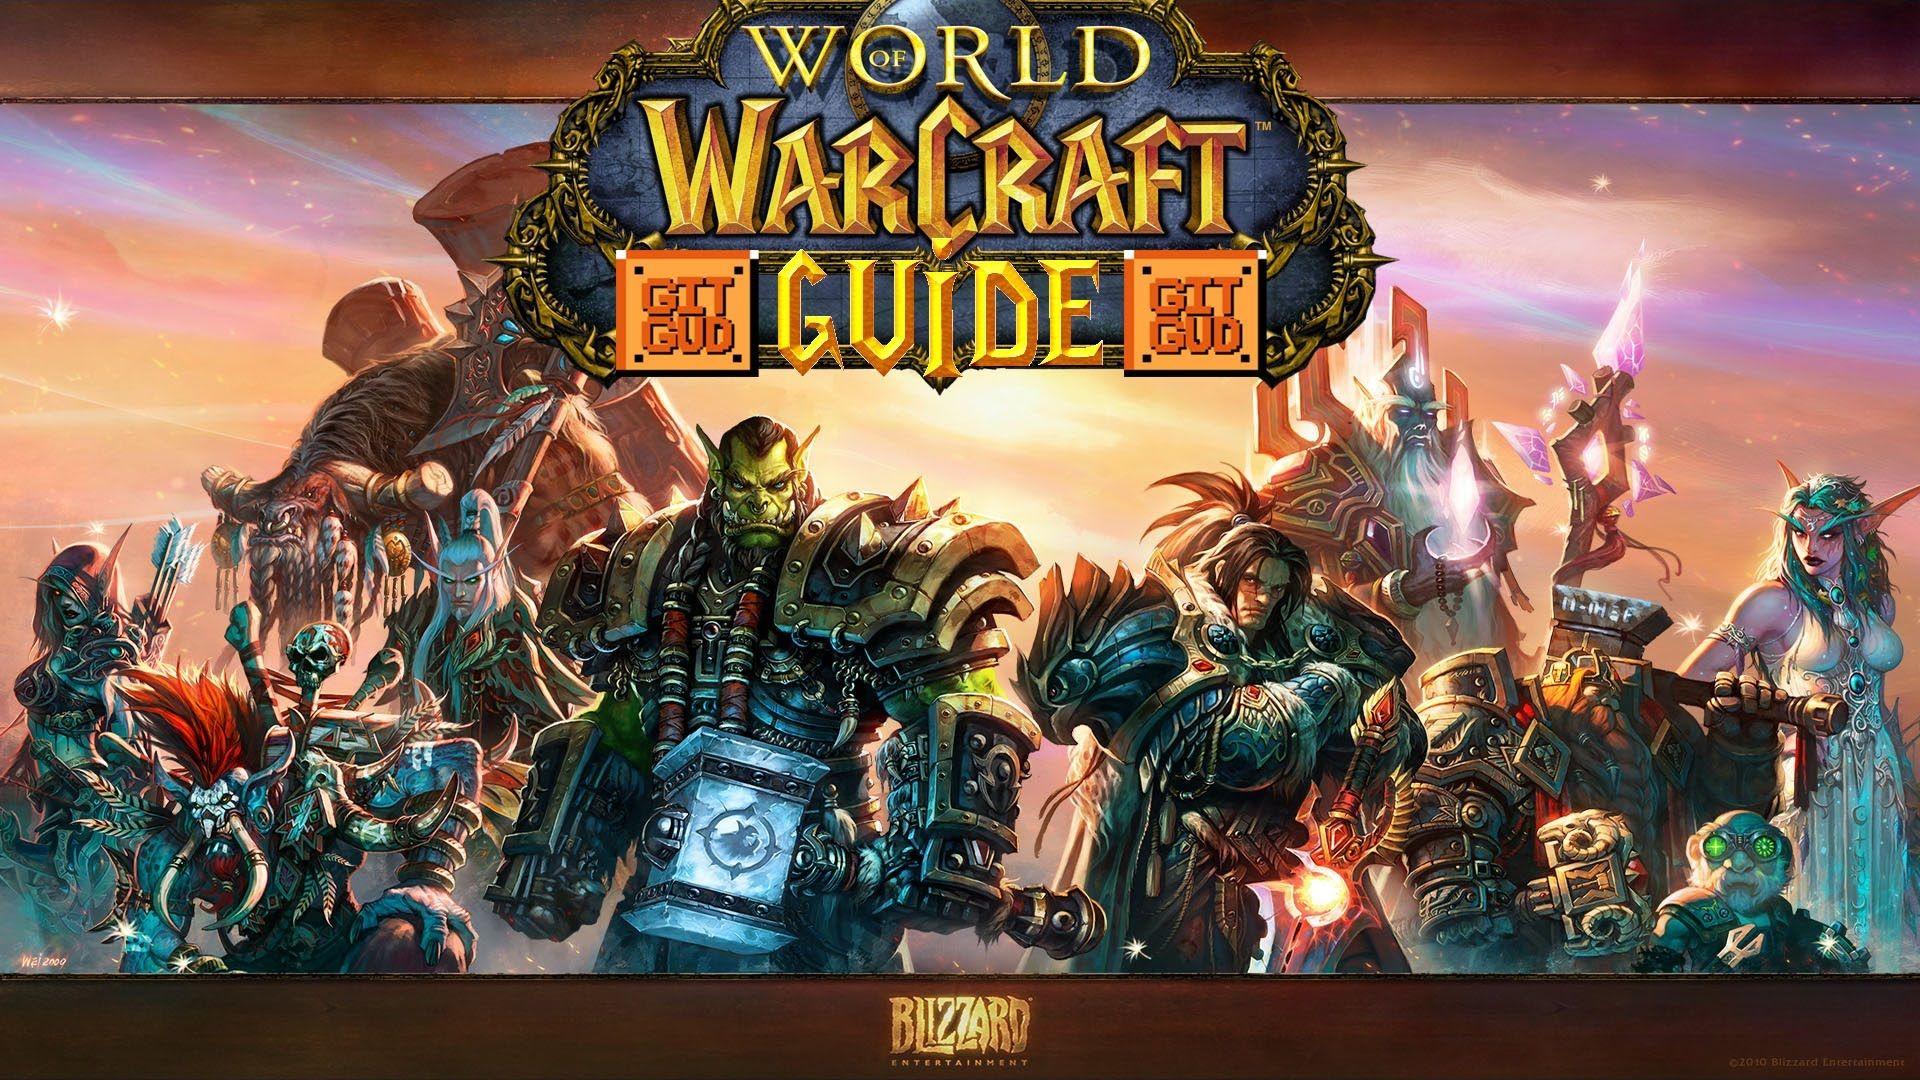 World Of Warcraft Legion Pvp Frost Mage Level 110 Having A Blast In Gilneas Battleground Steemit